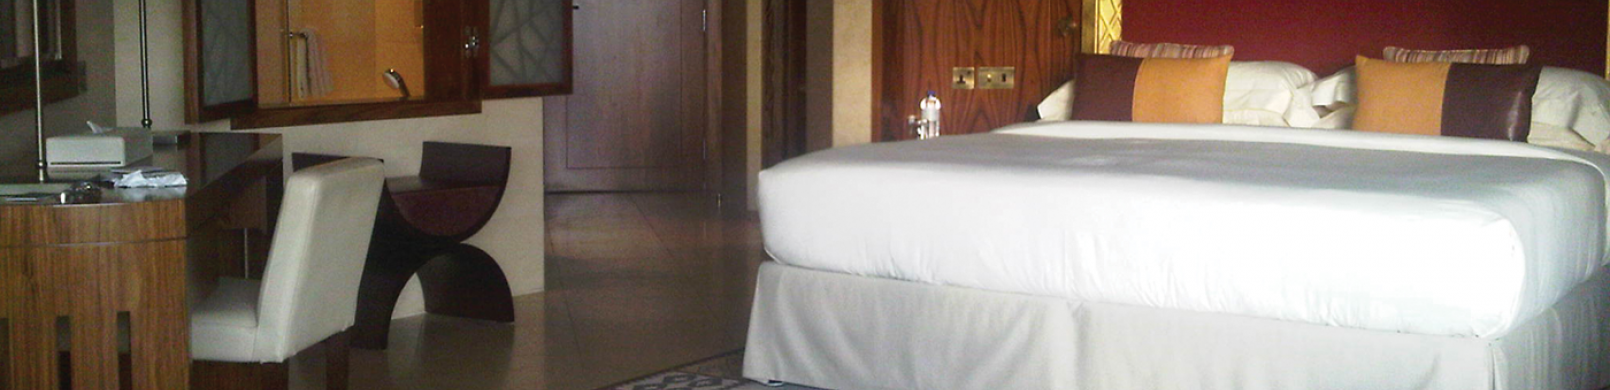 Art Line Uae : Raffles hotel artline